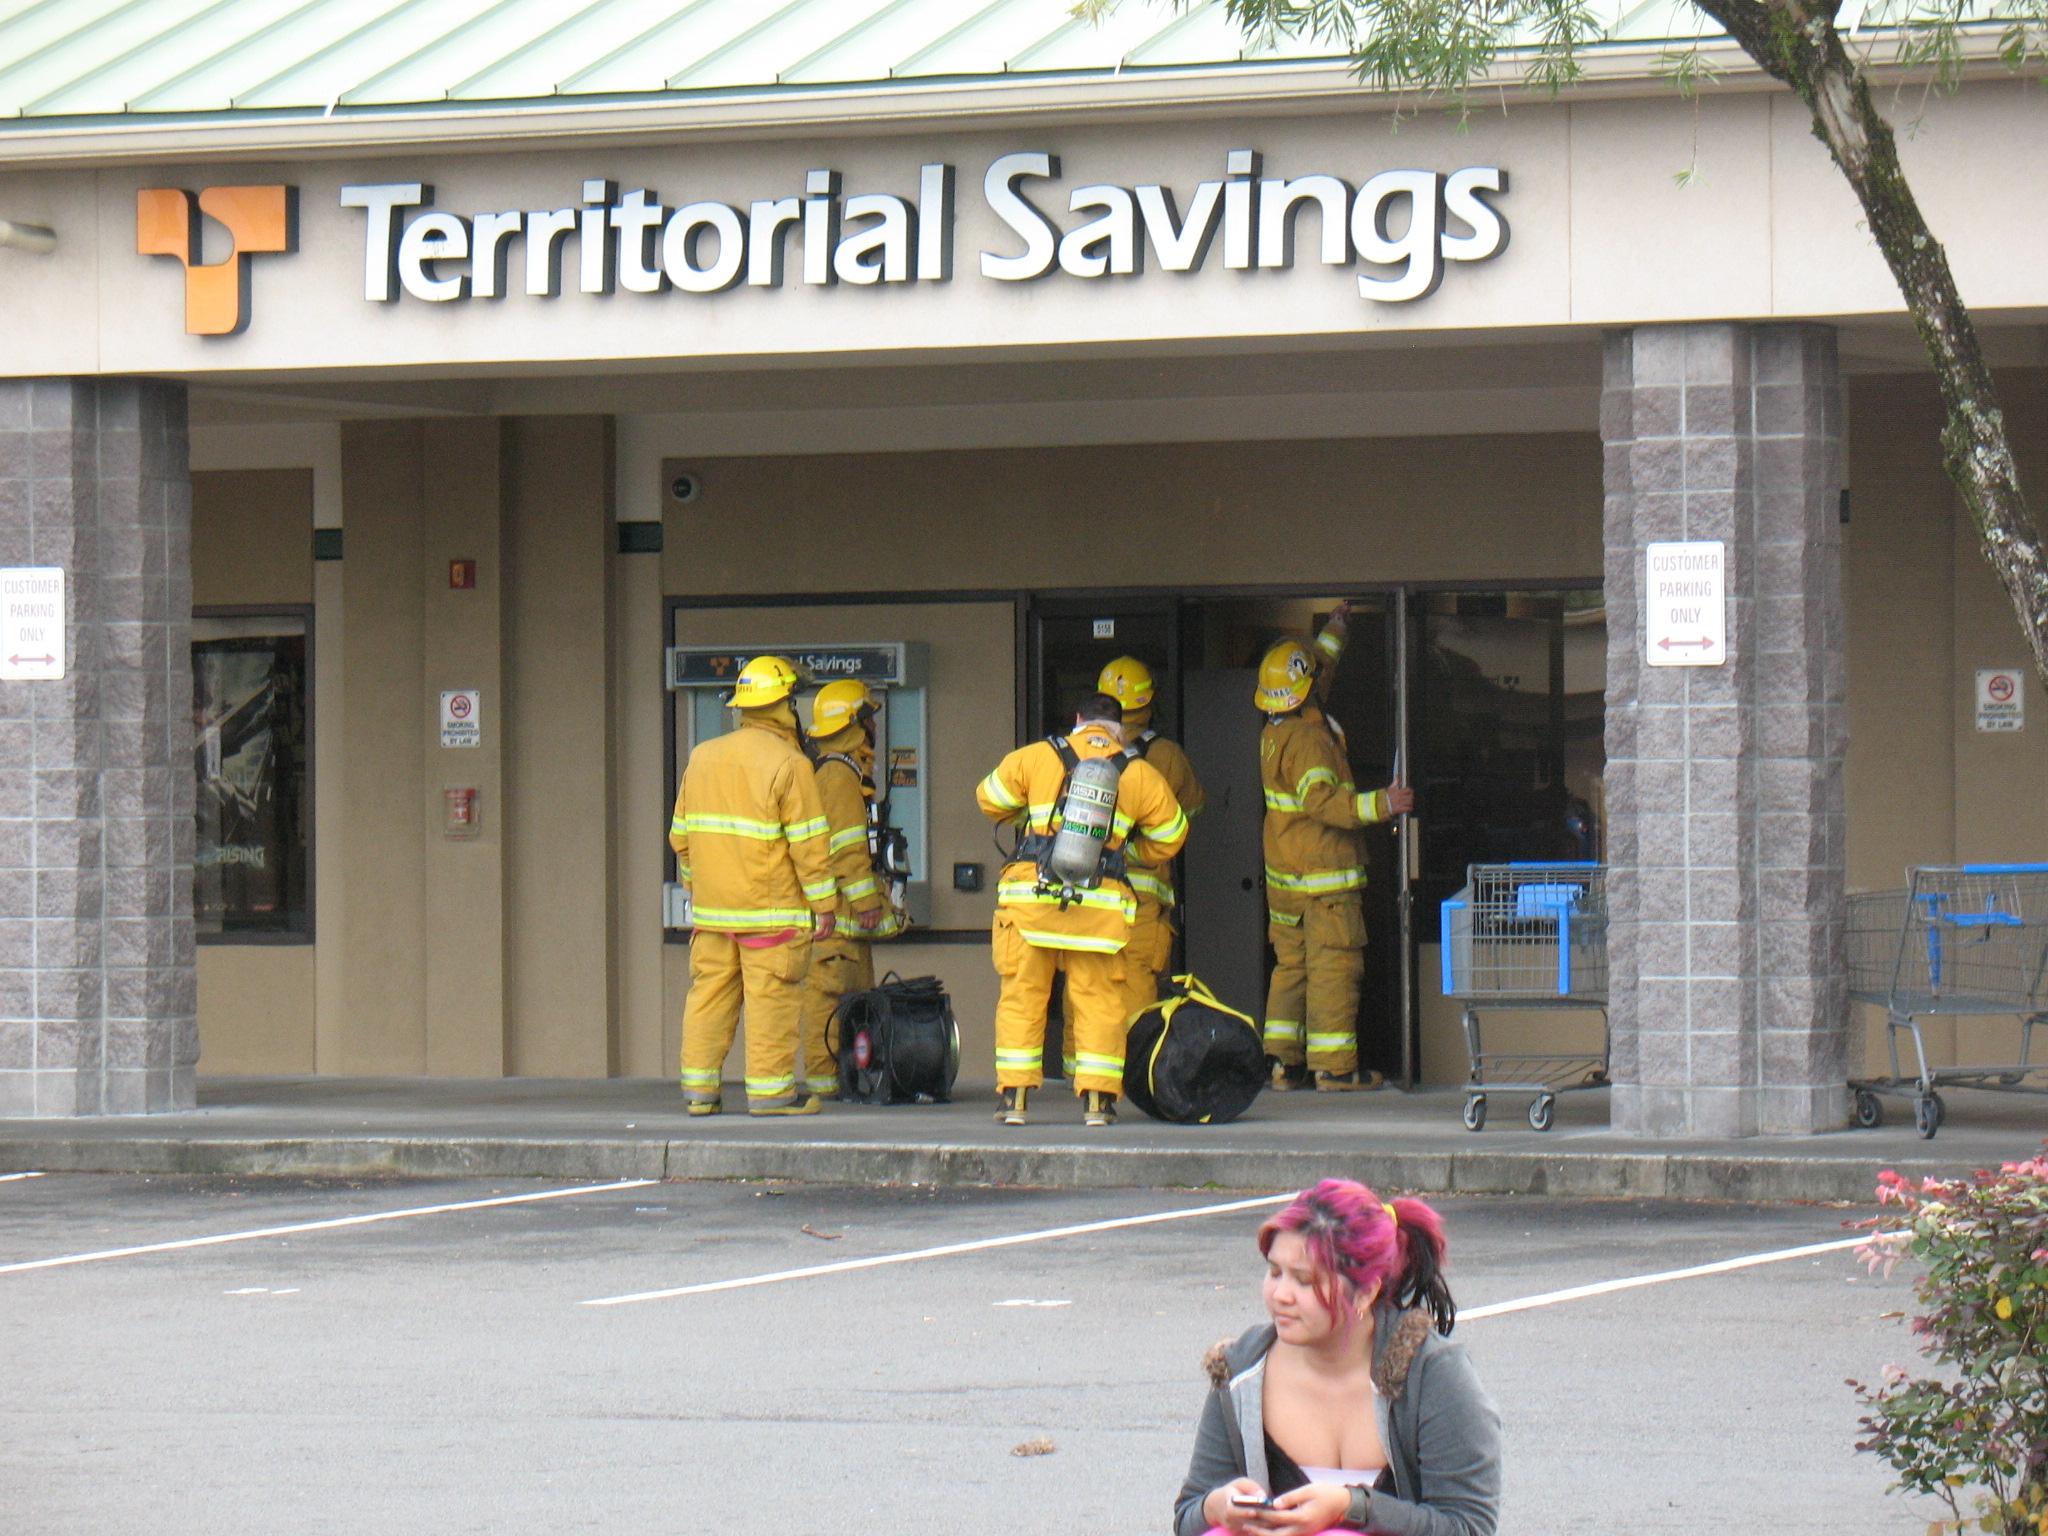 Sulfur Smell at Hilo Bank Prompts HazMat Visit   Big Island Now